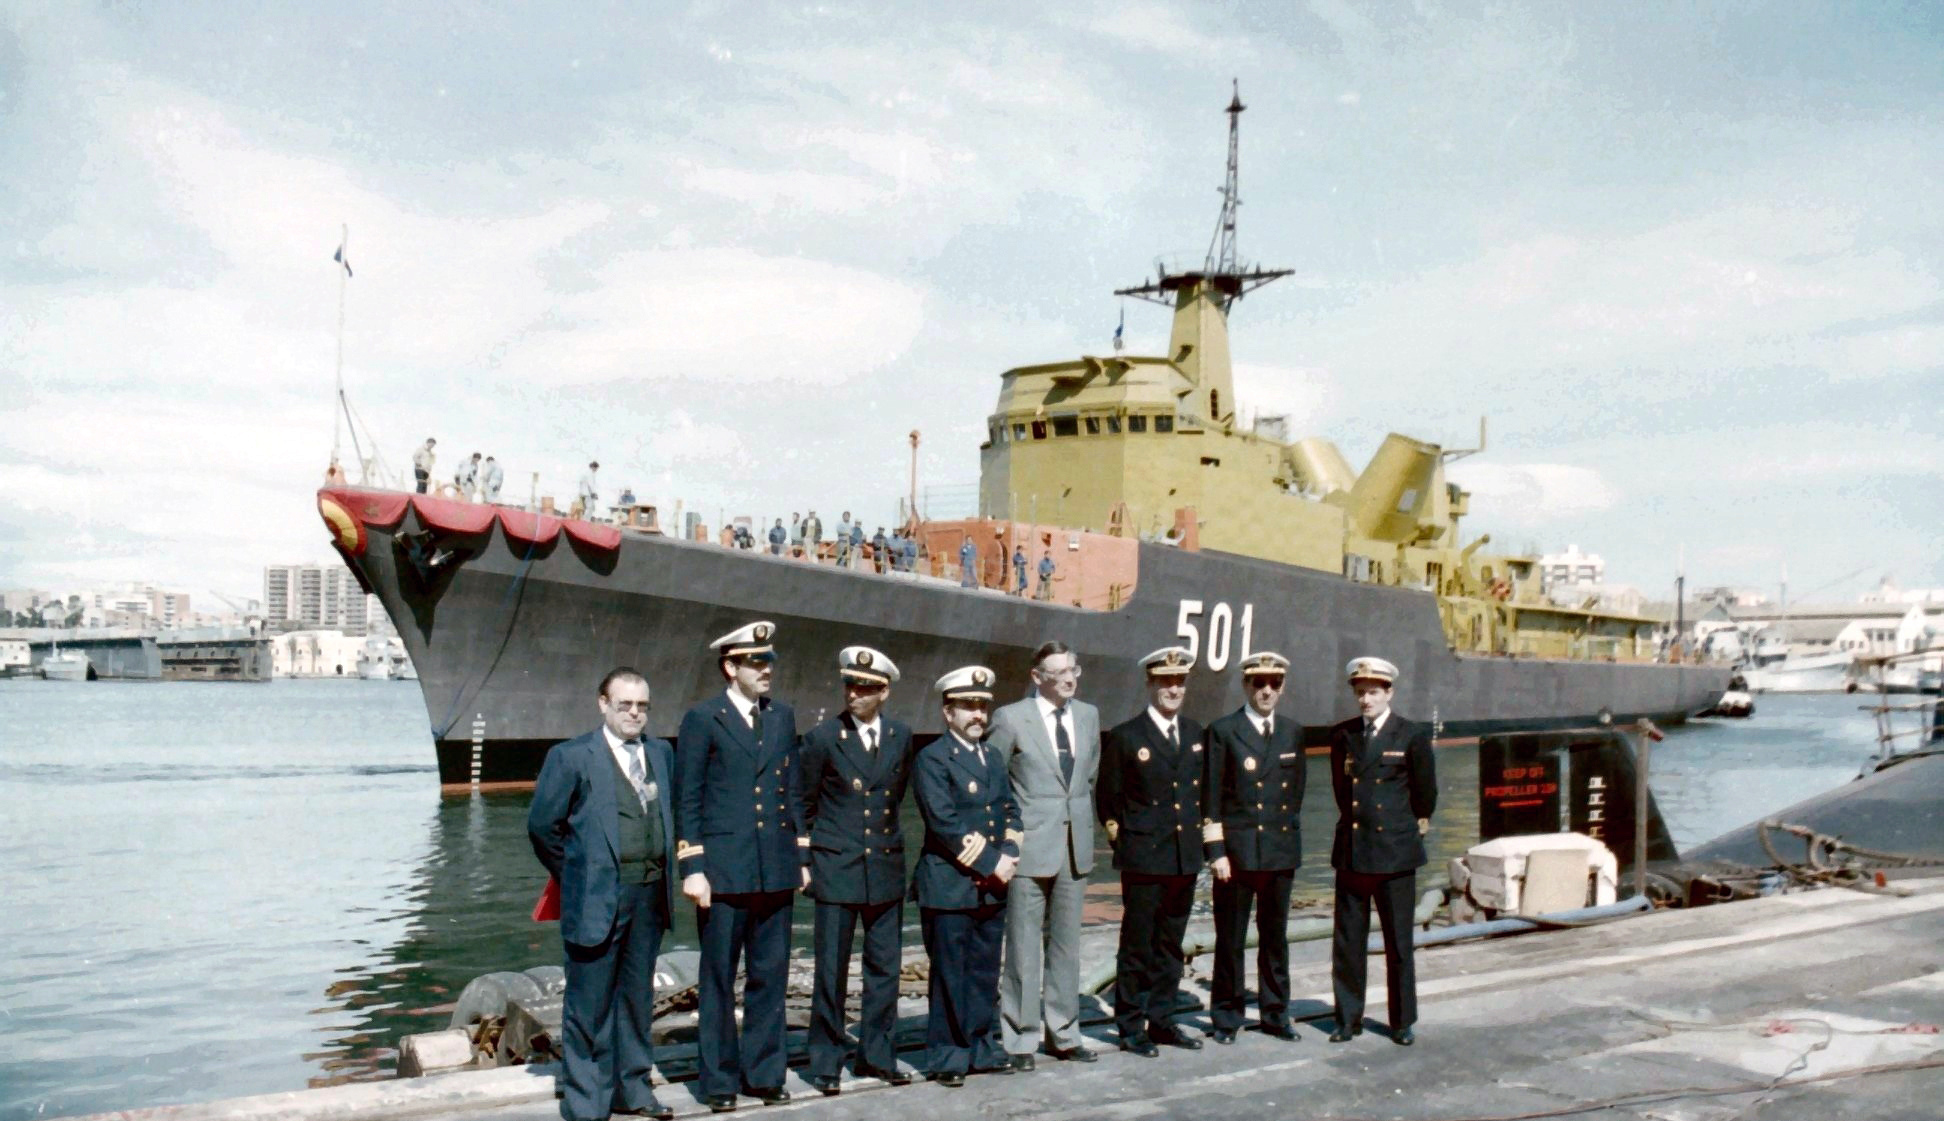 Royal Moroccan Navy Descubierta Frigate / Corvette Lt Cl Errahmani - Bâtiment École - Page 4 Clipb485